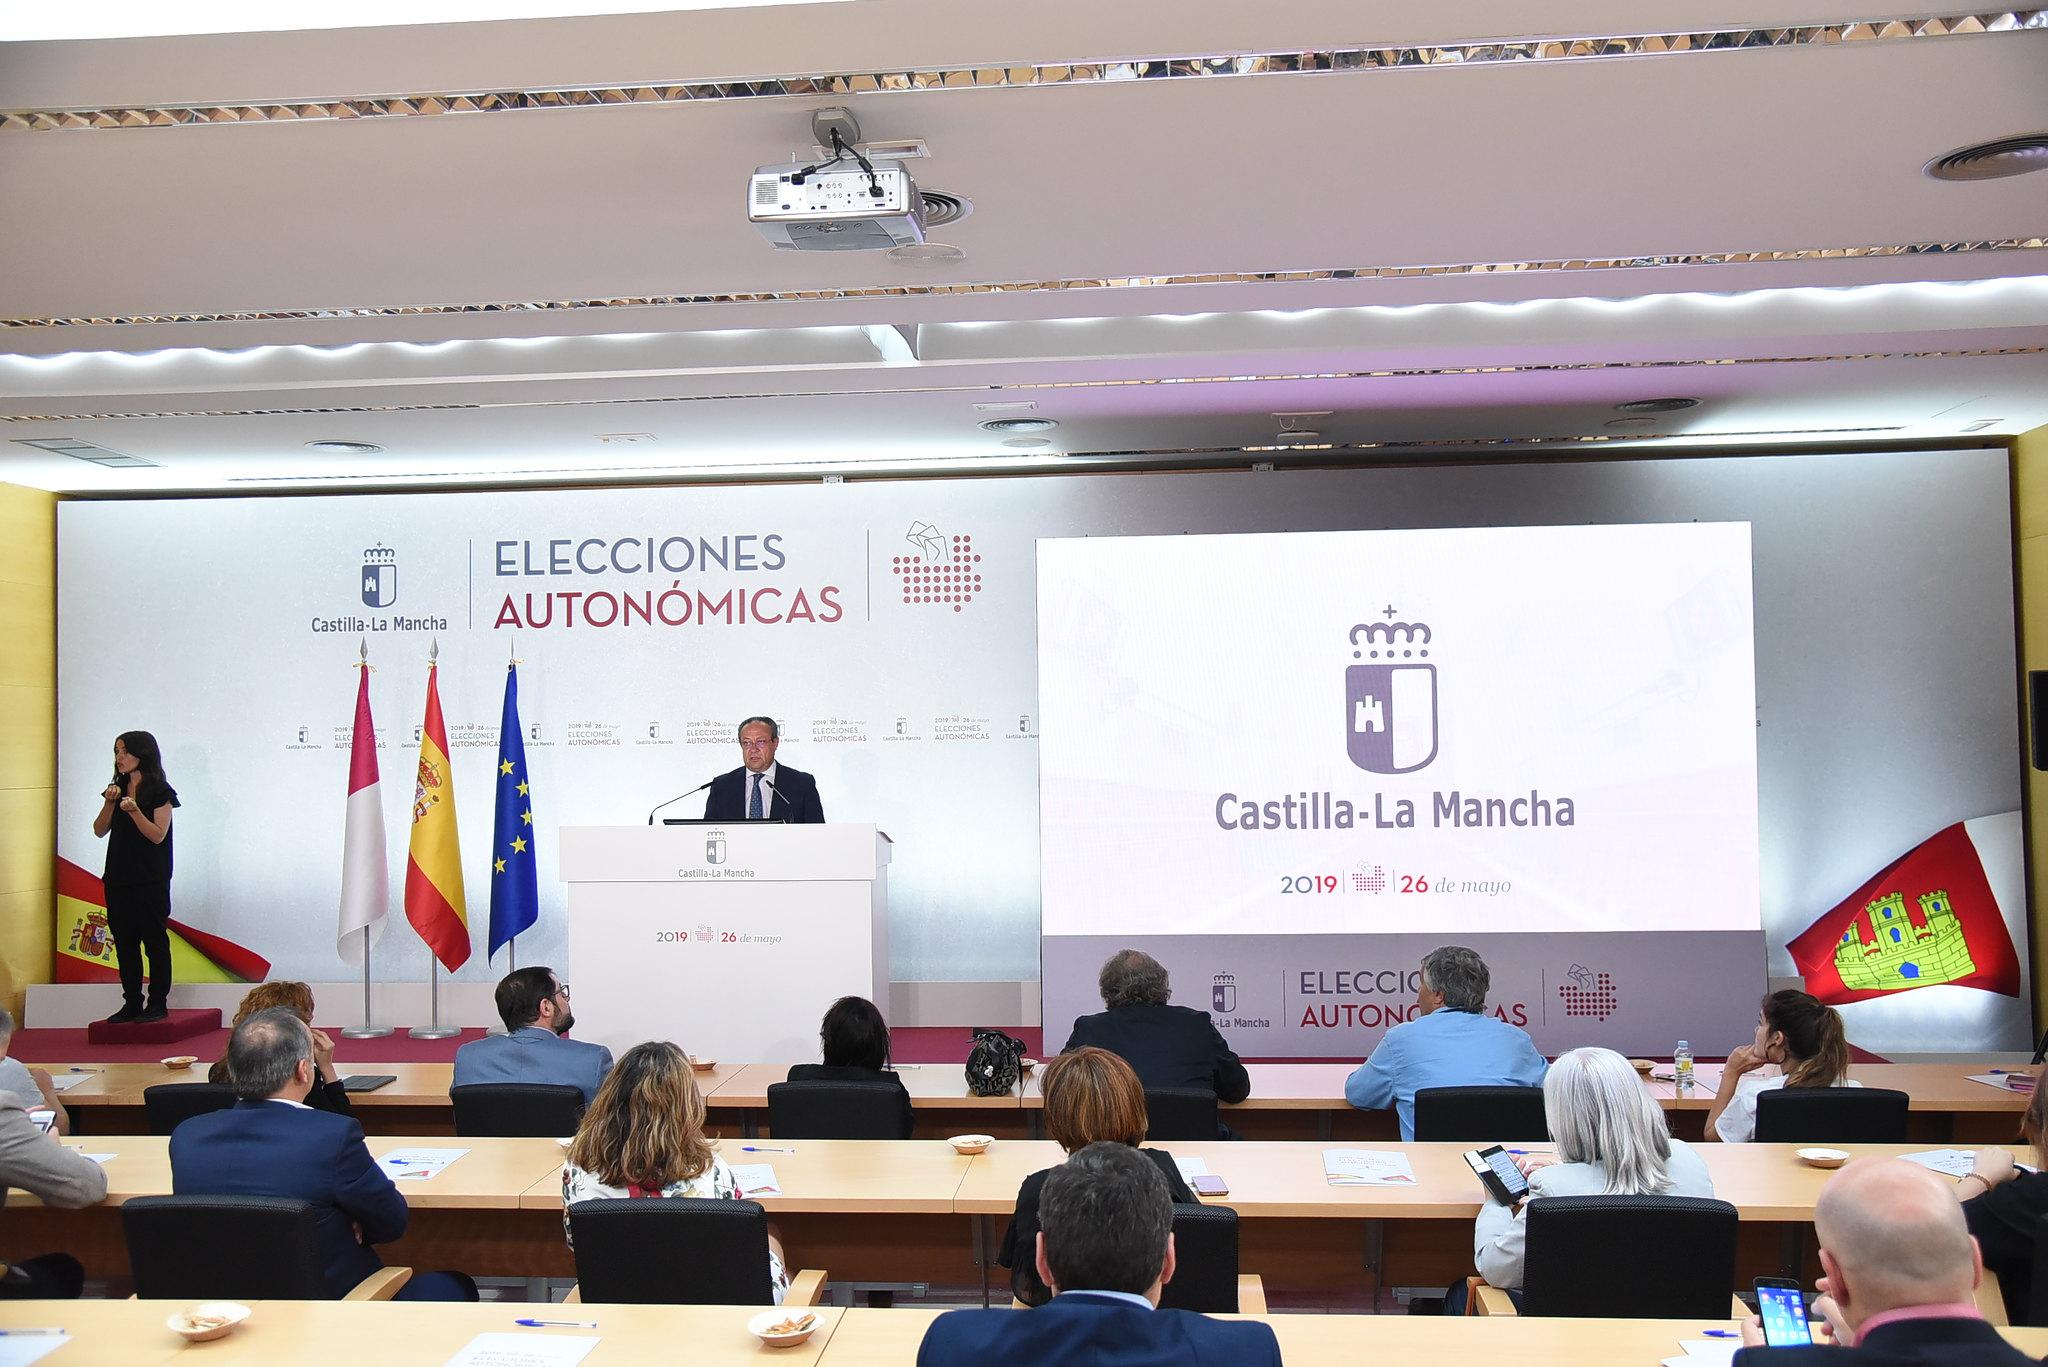 El consejero de Hacienda y Administraciones Públicas, Juan Alfonso Ruiz Molina, comparece, alas 14:30 horas, para informar sobre los datos de participación en las elecciones autonómicas